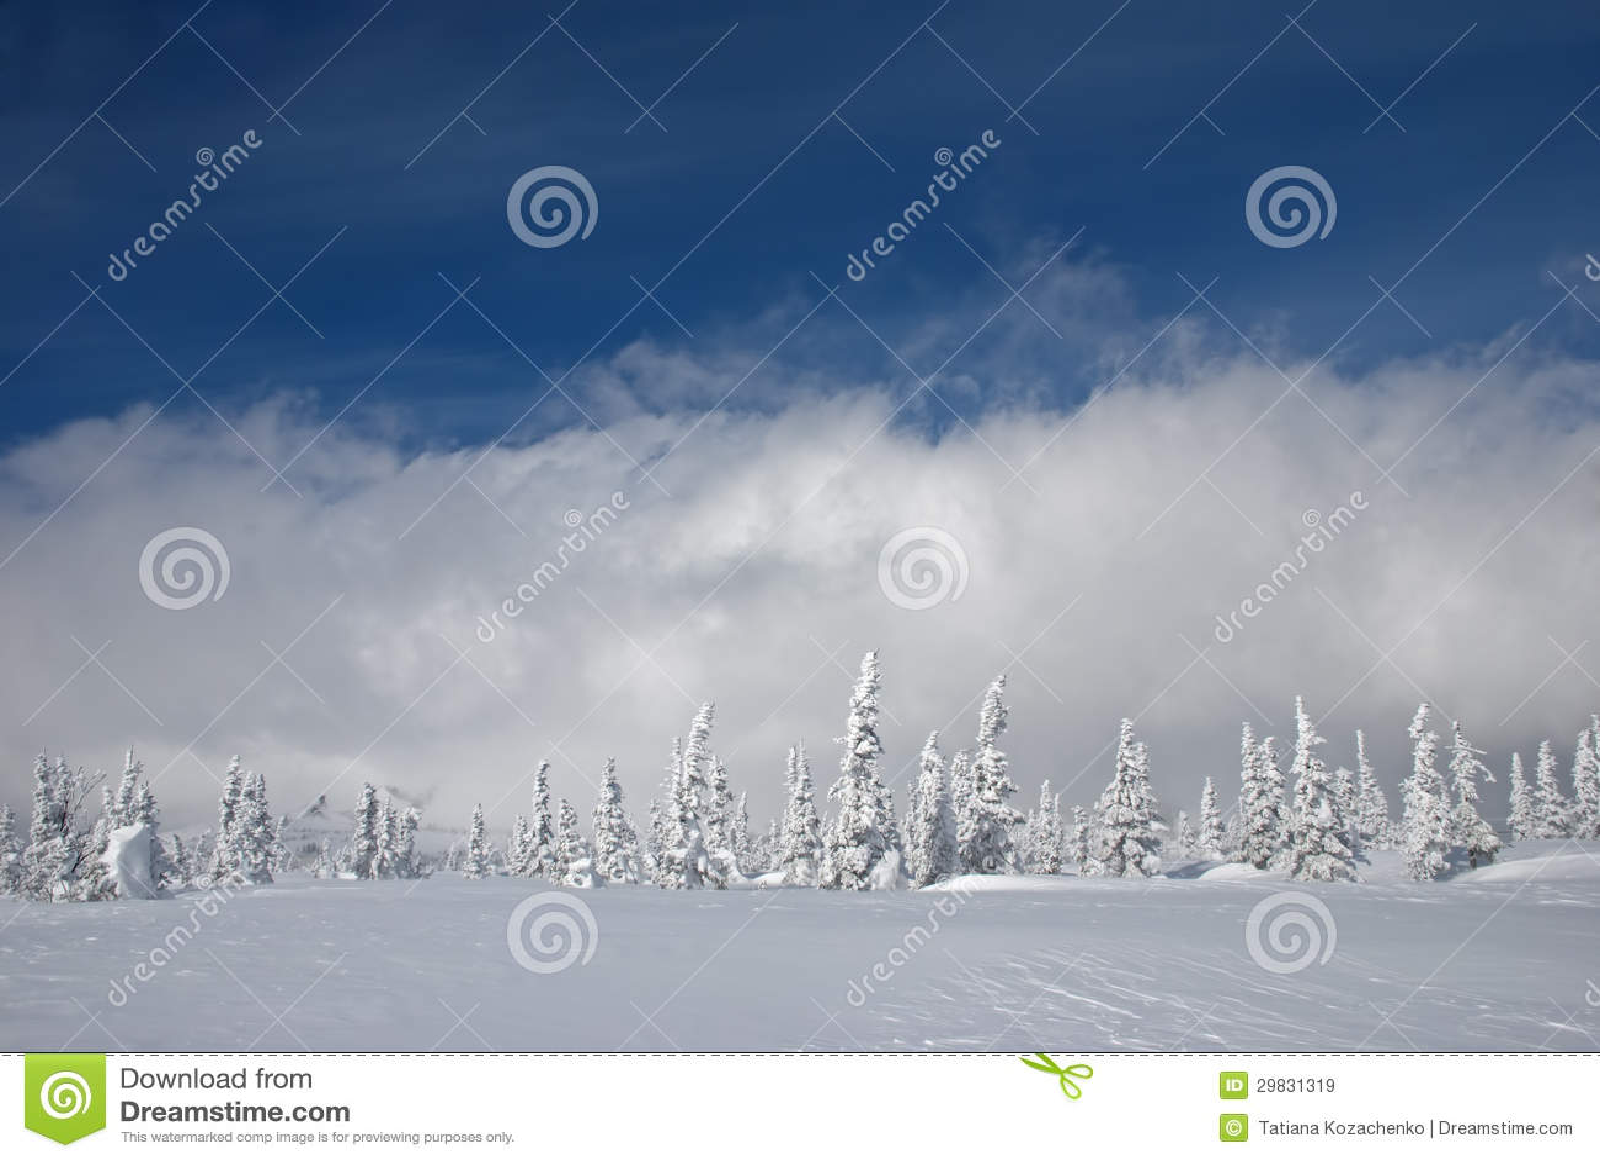 landscape sky clouds snow - photo #49